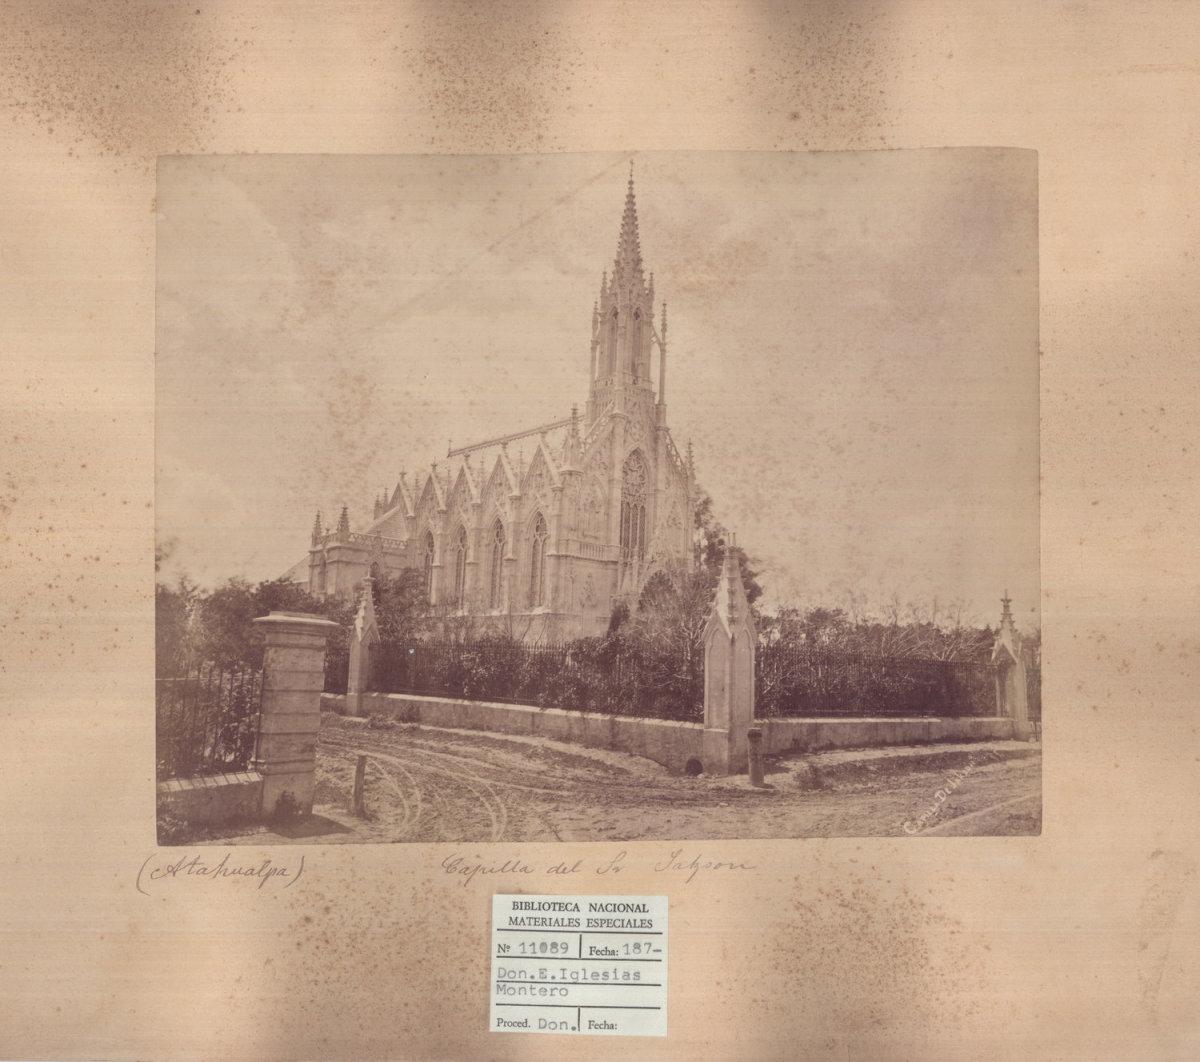 Capilla Jackson, Montevideo, 1880